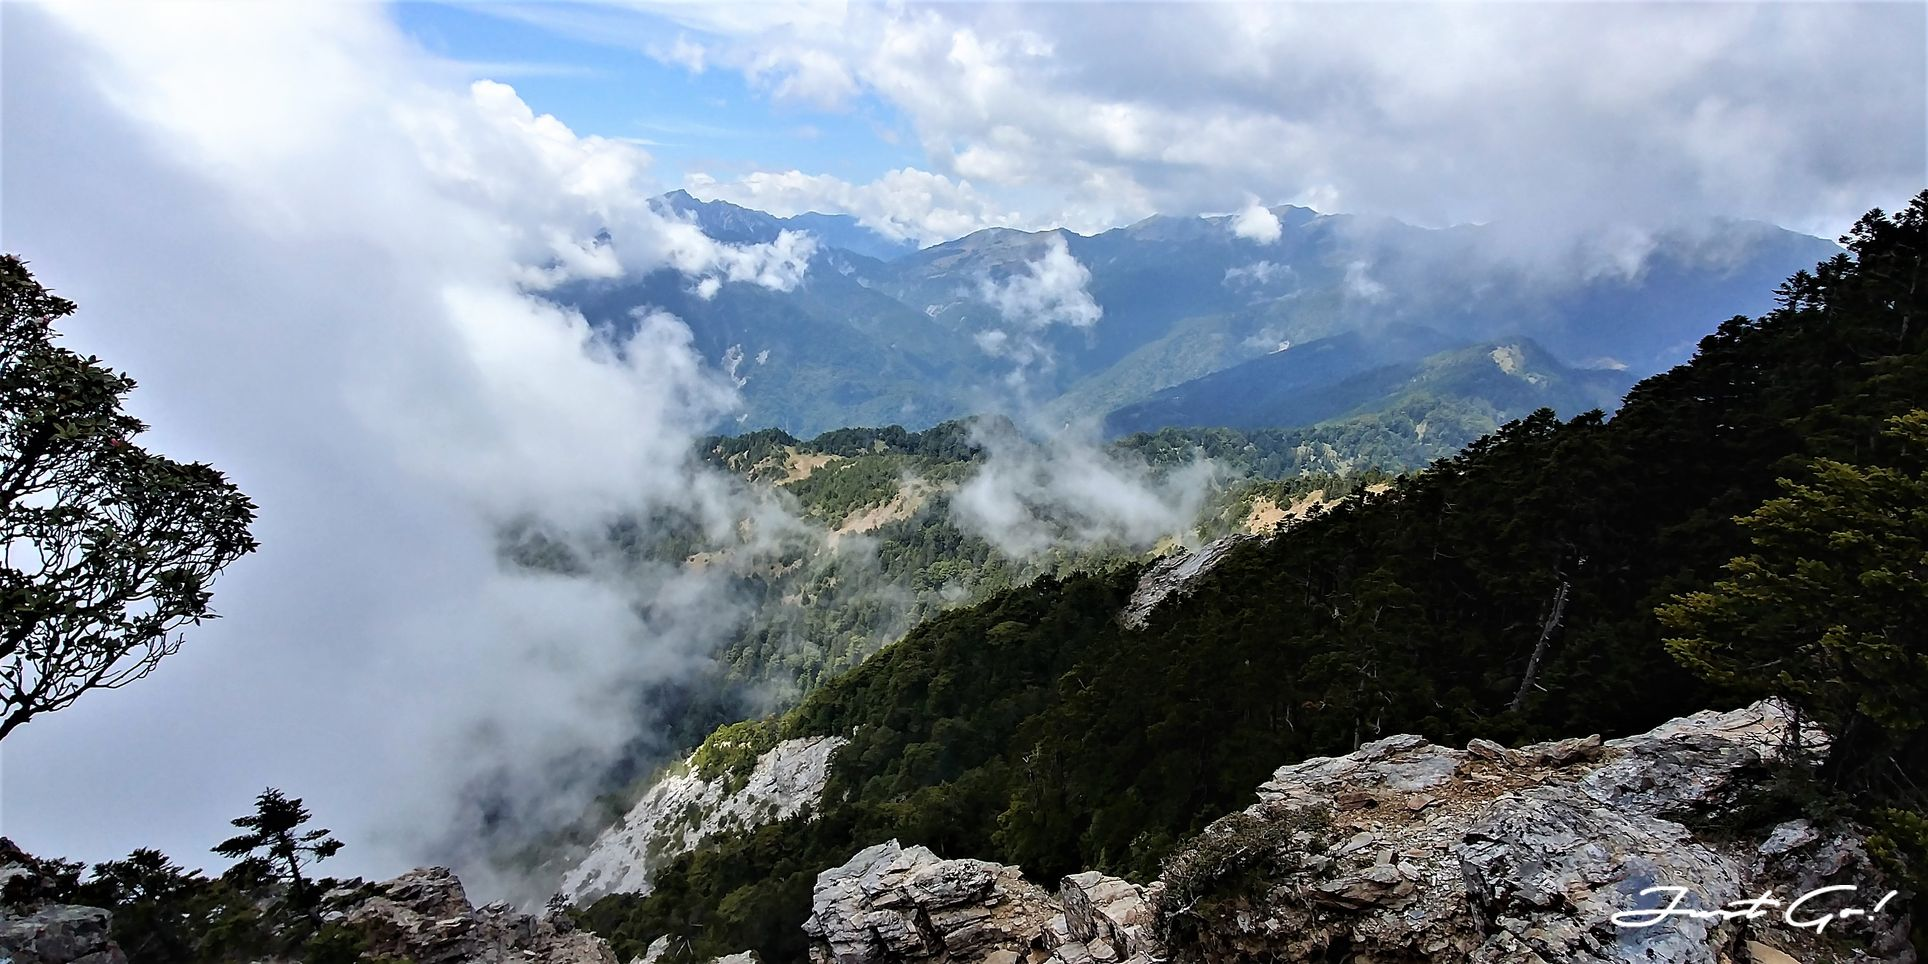 台灣 - 一日百岳·畢祿羊頭縱走單攻紀錄- gpx路線、申請、接駁及遊記12